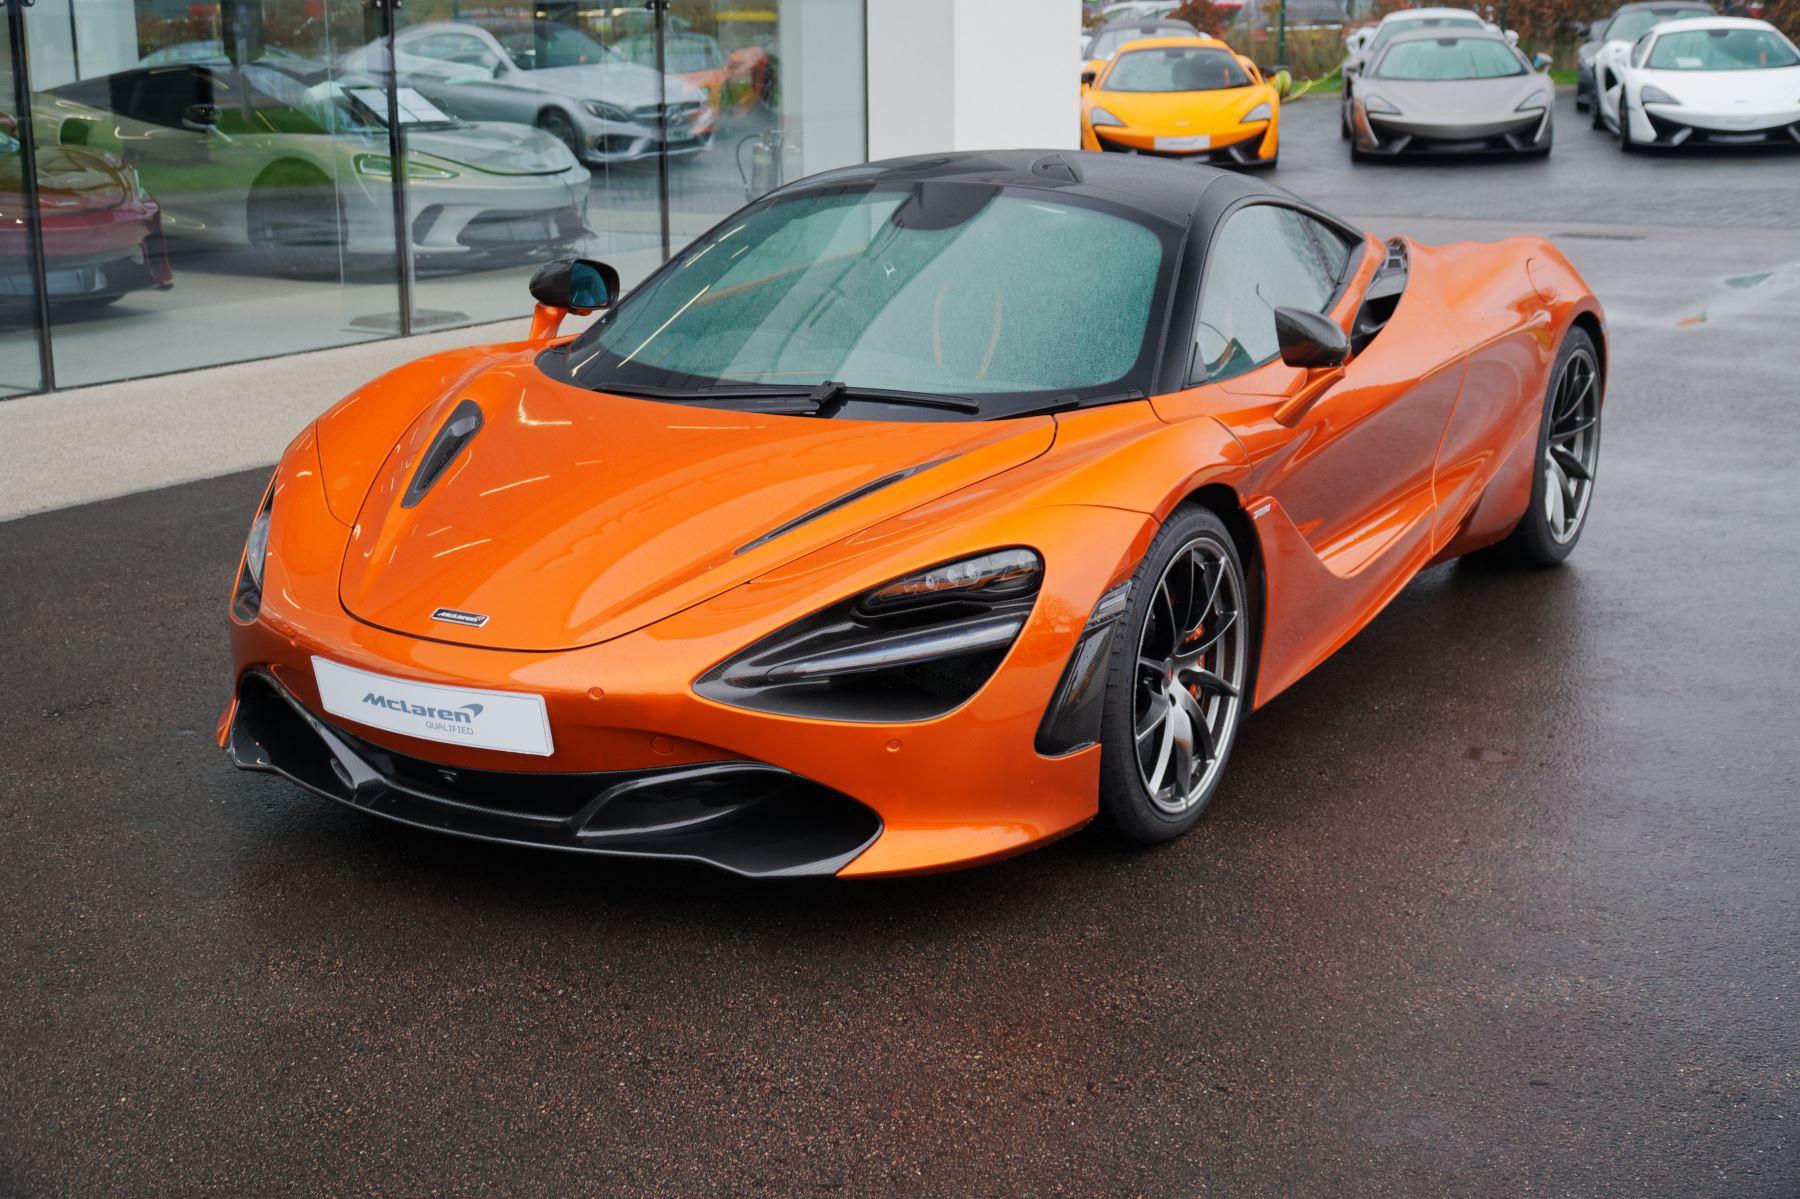 McLaren 720S Performance image 1